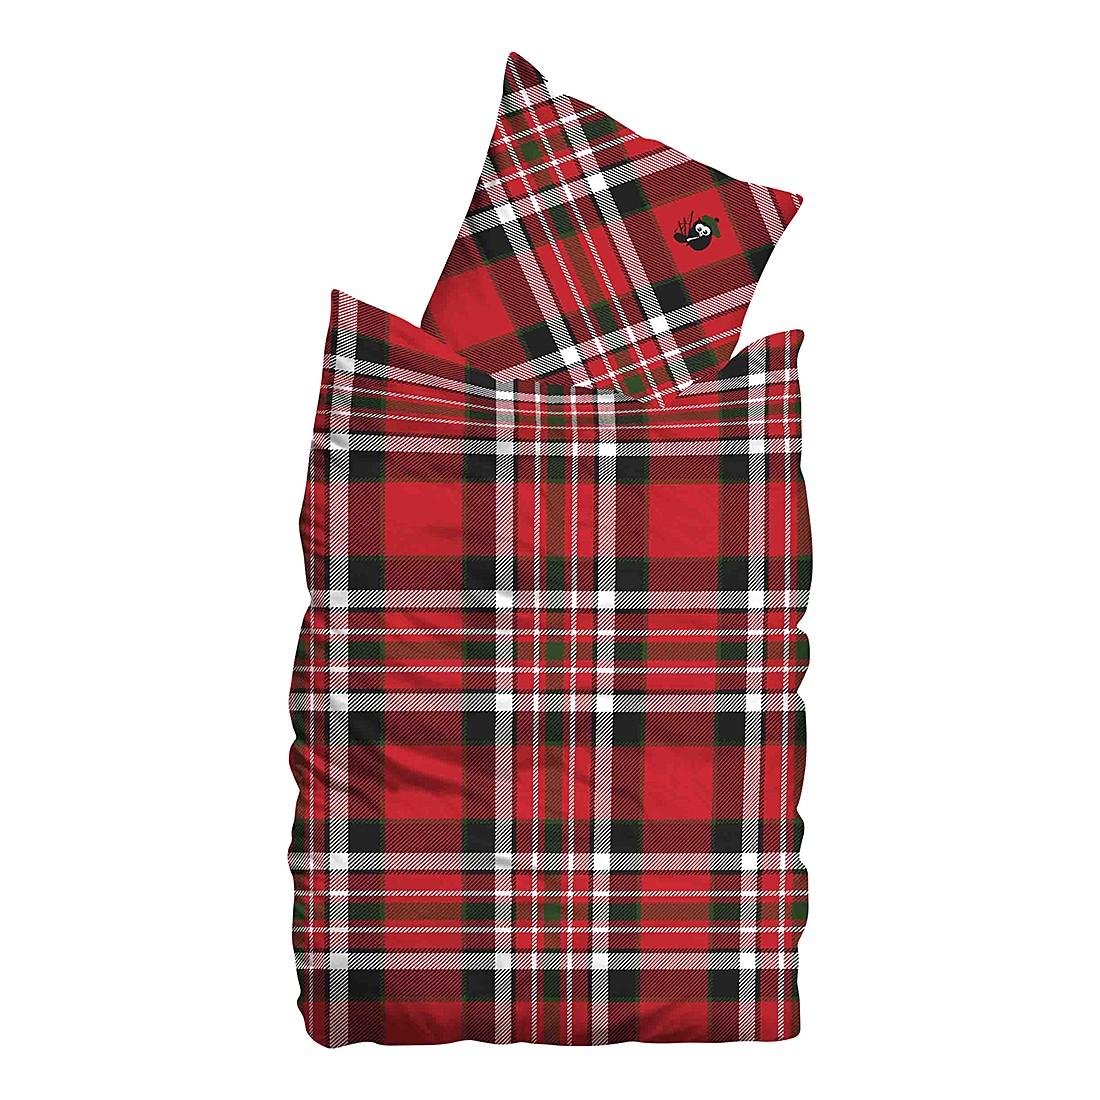 Biber Bettwäsche Scot – Rot – 155 x 220 cm + Kissen 80 x 80 cm, Sueños günstig kaufen